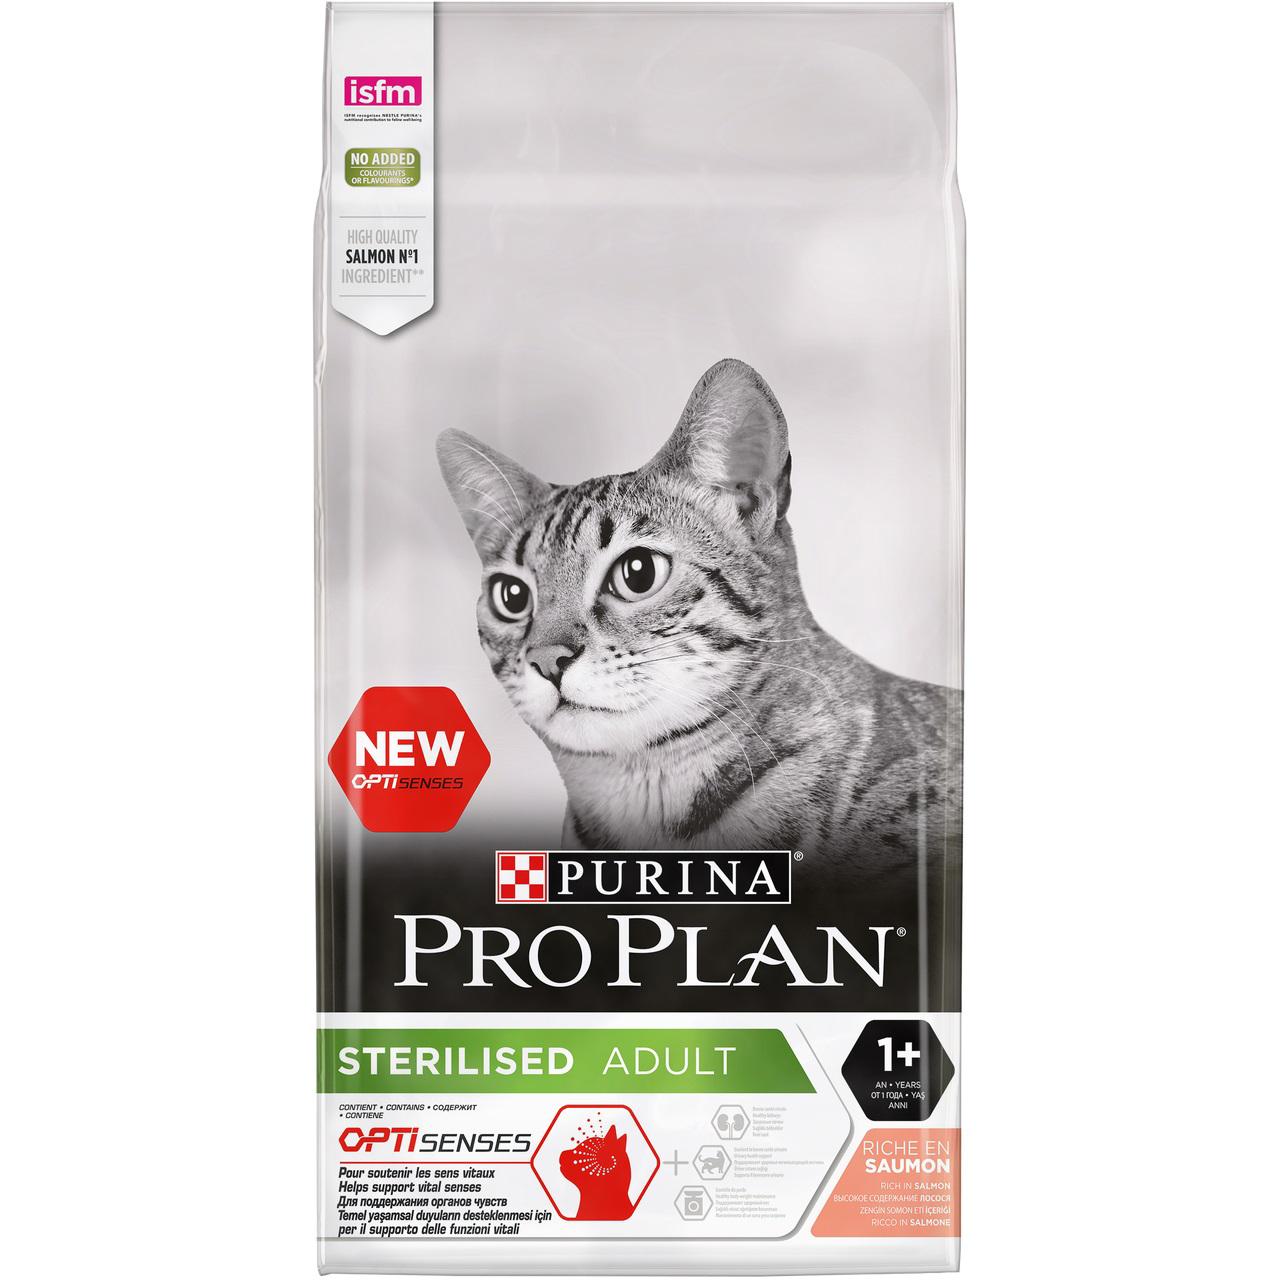 Корм для кошек Pro Plan Для стерилизованных, поддержание органов чувств, лосось 1,5 кг корм для кошек pro plan для стерилизованных и кастрированных лосось сух 1 5 кг